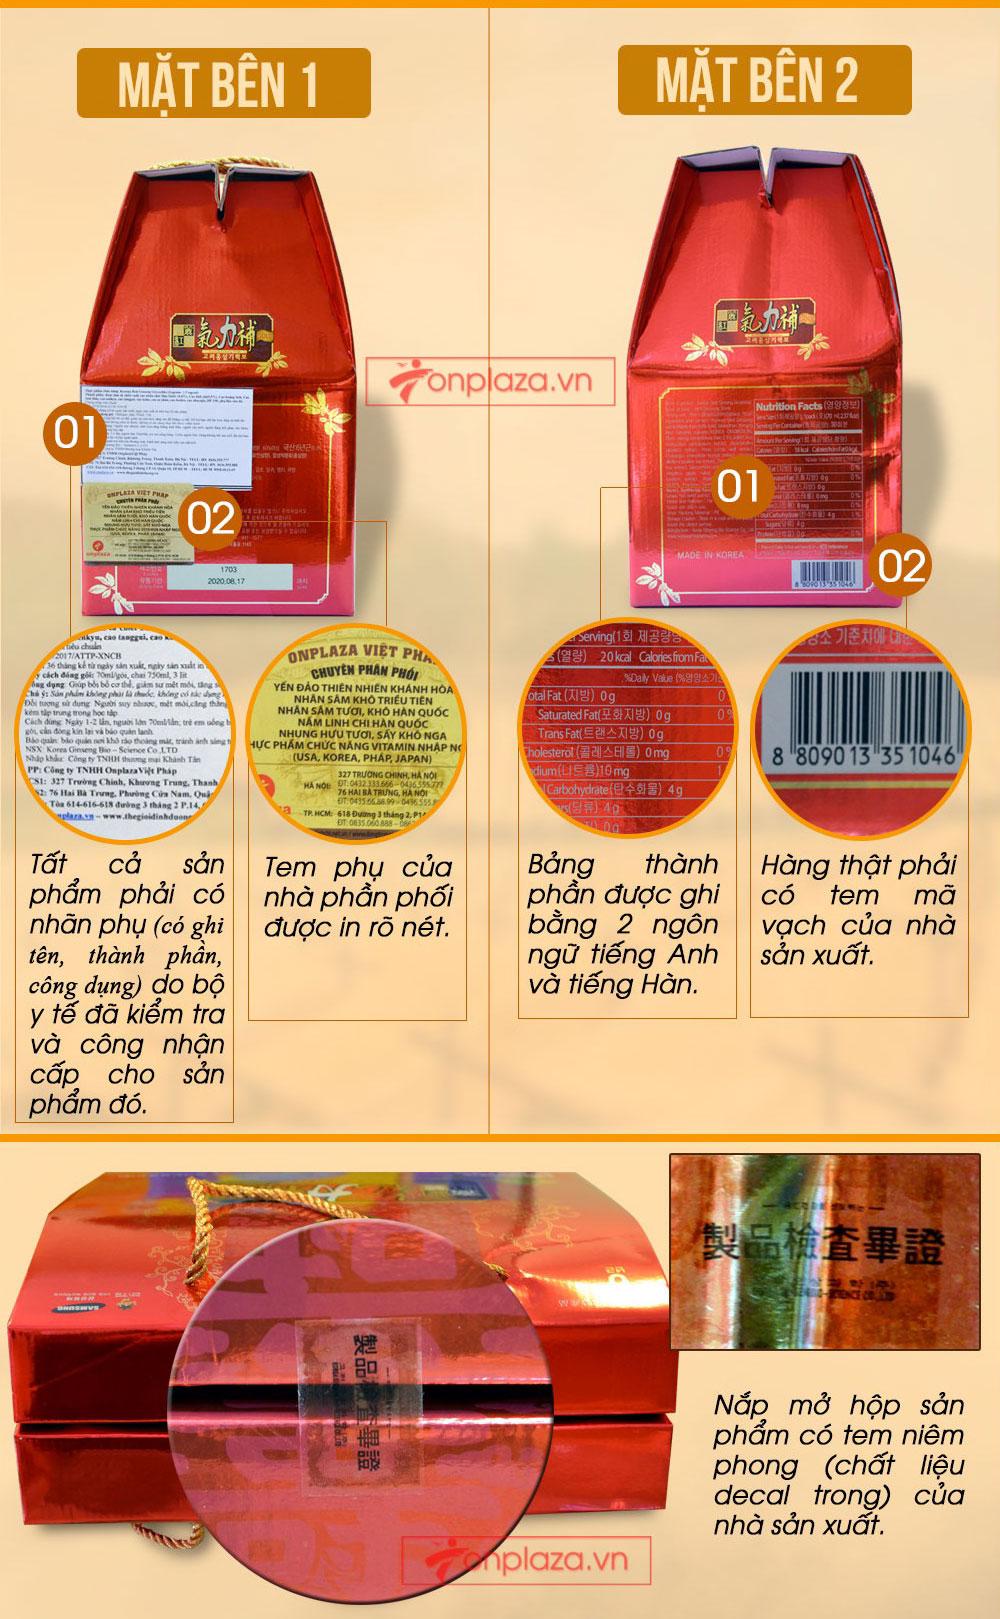 Nước ép hồng sâm 6 năm tuổi Hàn Quốc dạng gói NS046